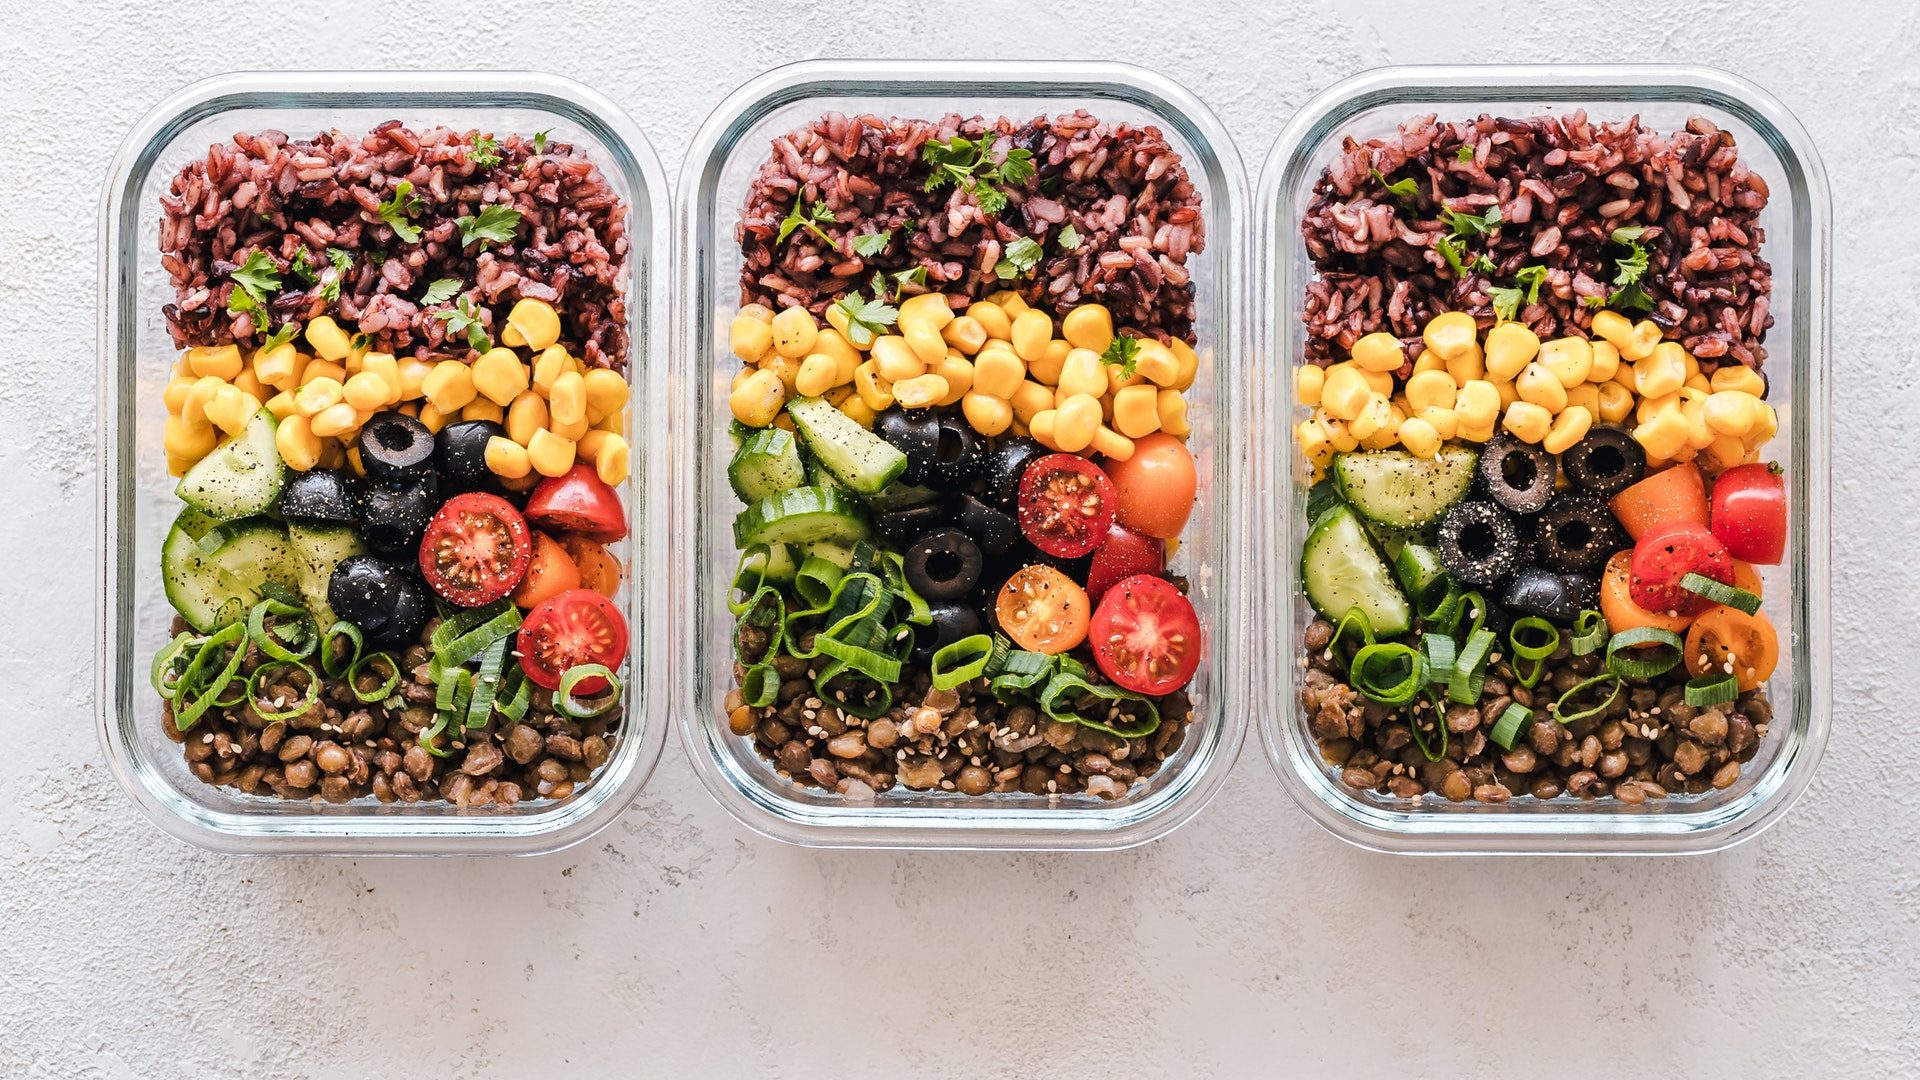 Fogyni bistromd, 31 nap az egészséges táplálkozási hónapokért cserében